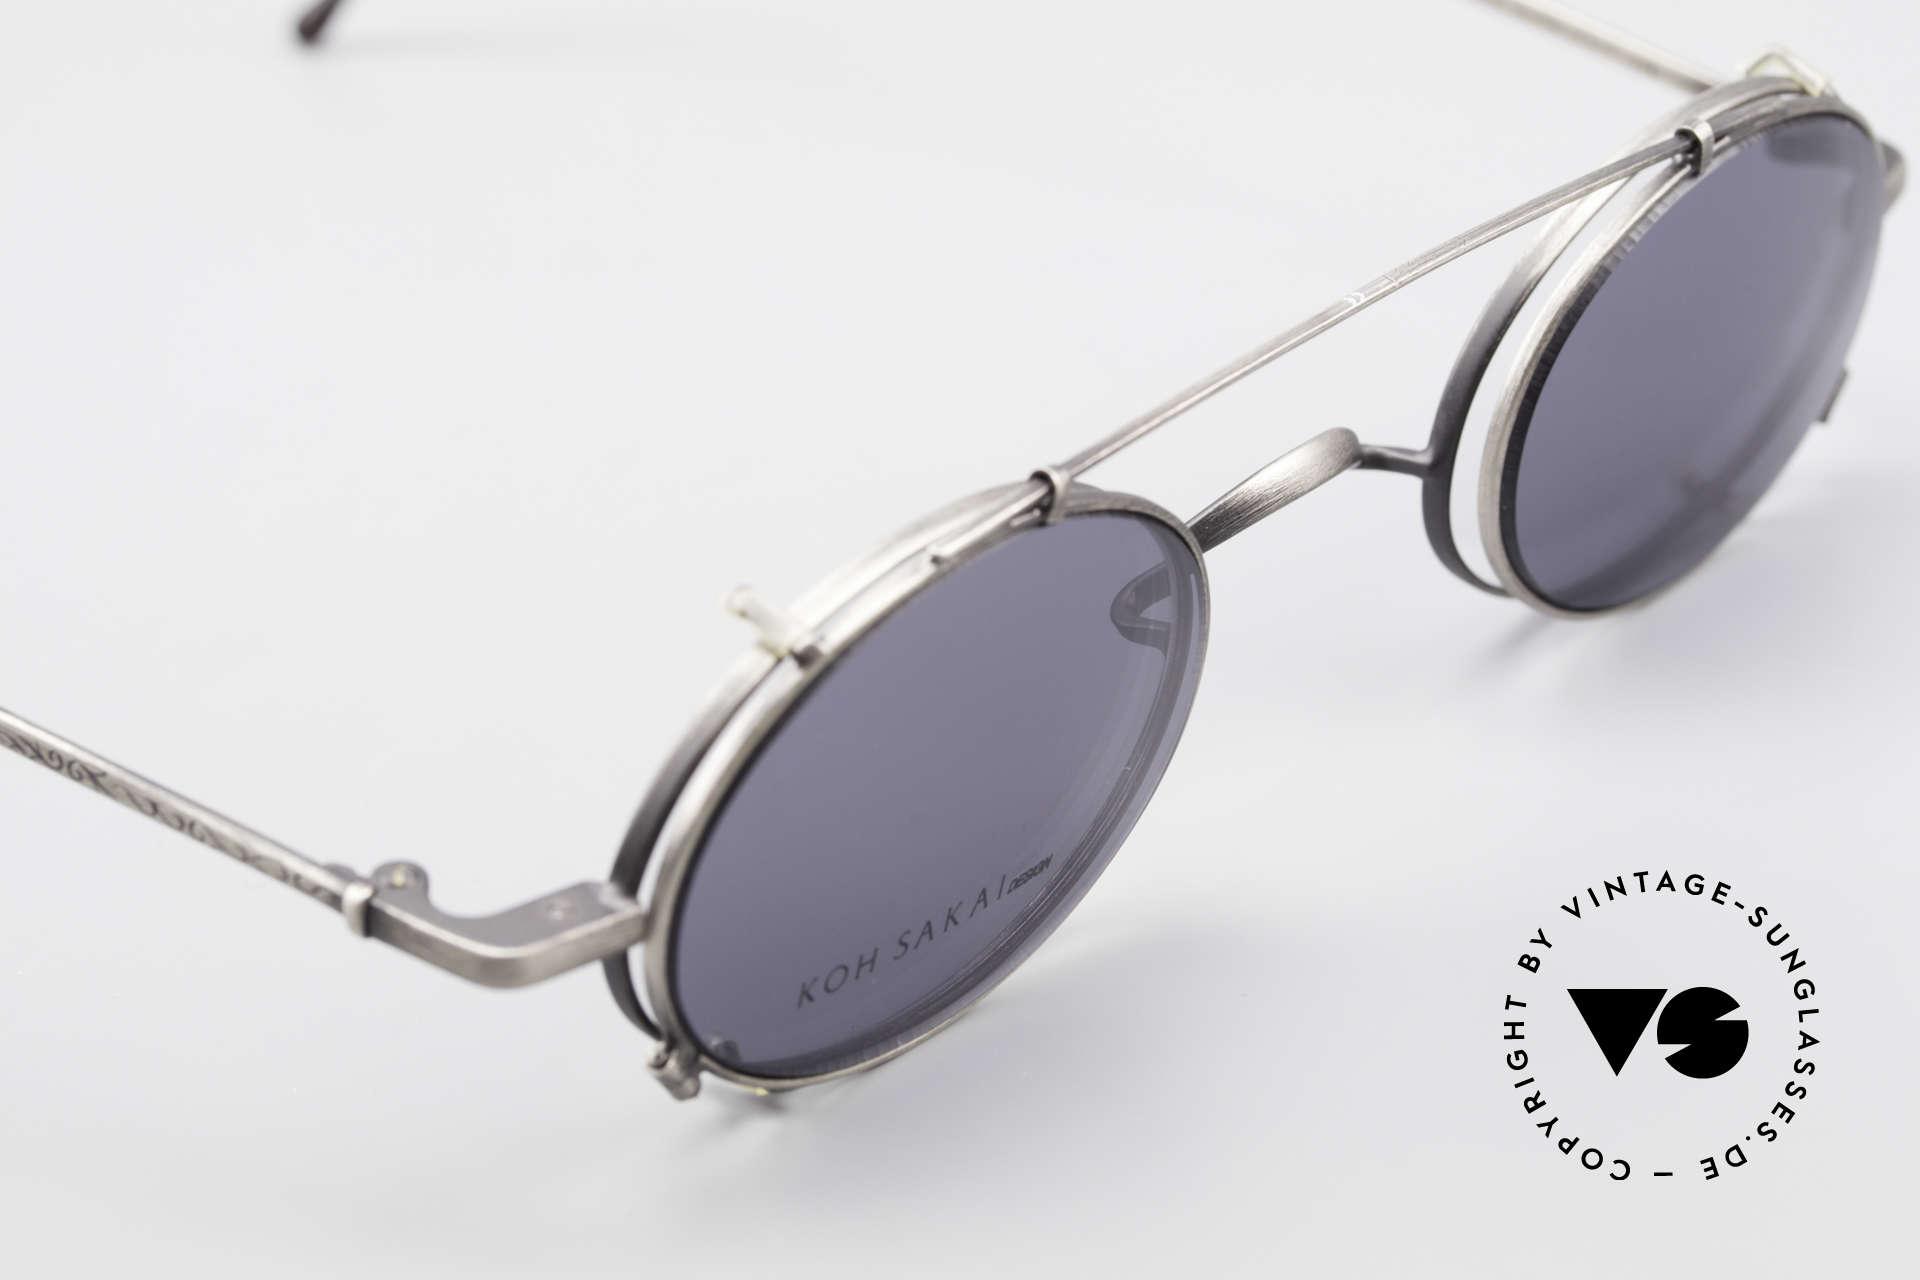 Koh Sakai KS9591 Kleine Ovale Fassung mit Clip, entsprechend sind Qualität & Anmutung identisch top, Passend für Herren und Damen